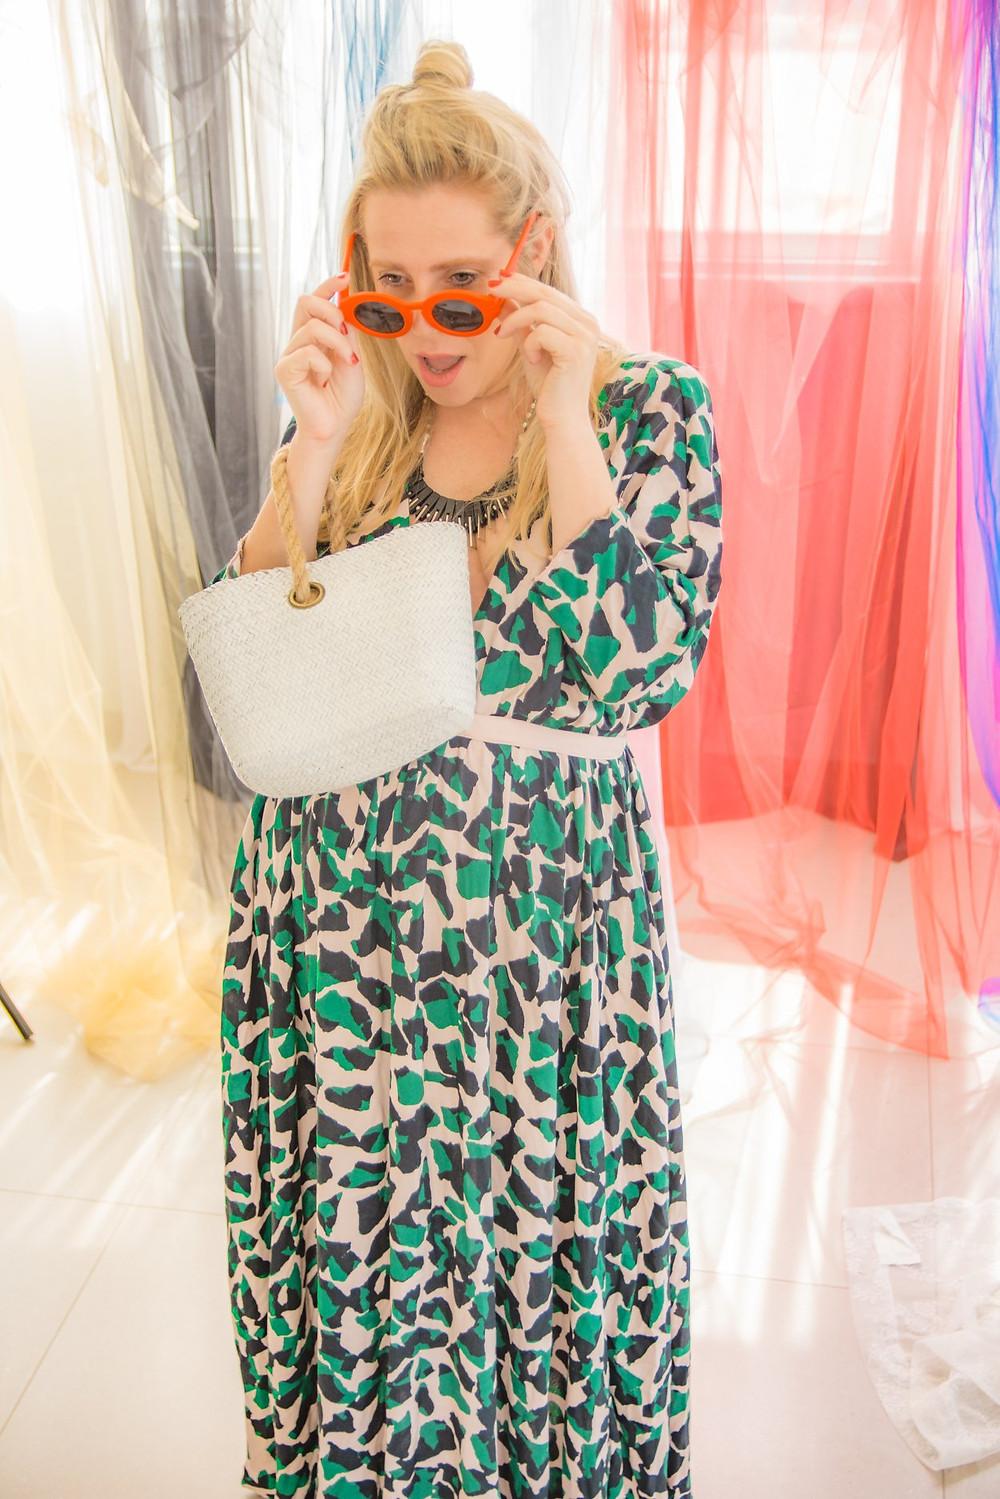 שמלה: אן ברקוביץ'. משקפי שמש, תיק, שרשרת: אוסף פרטי. צילום: מיטל אזולאי